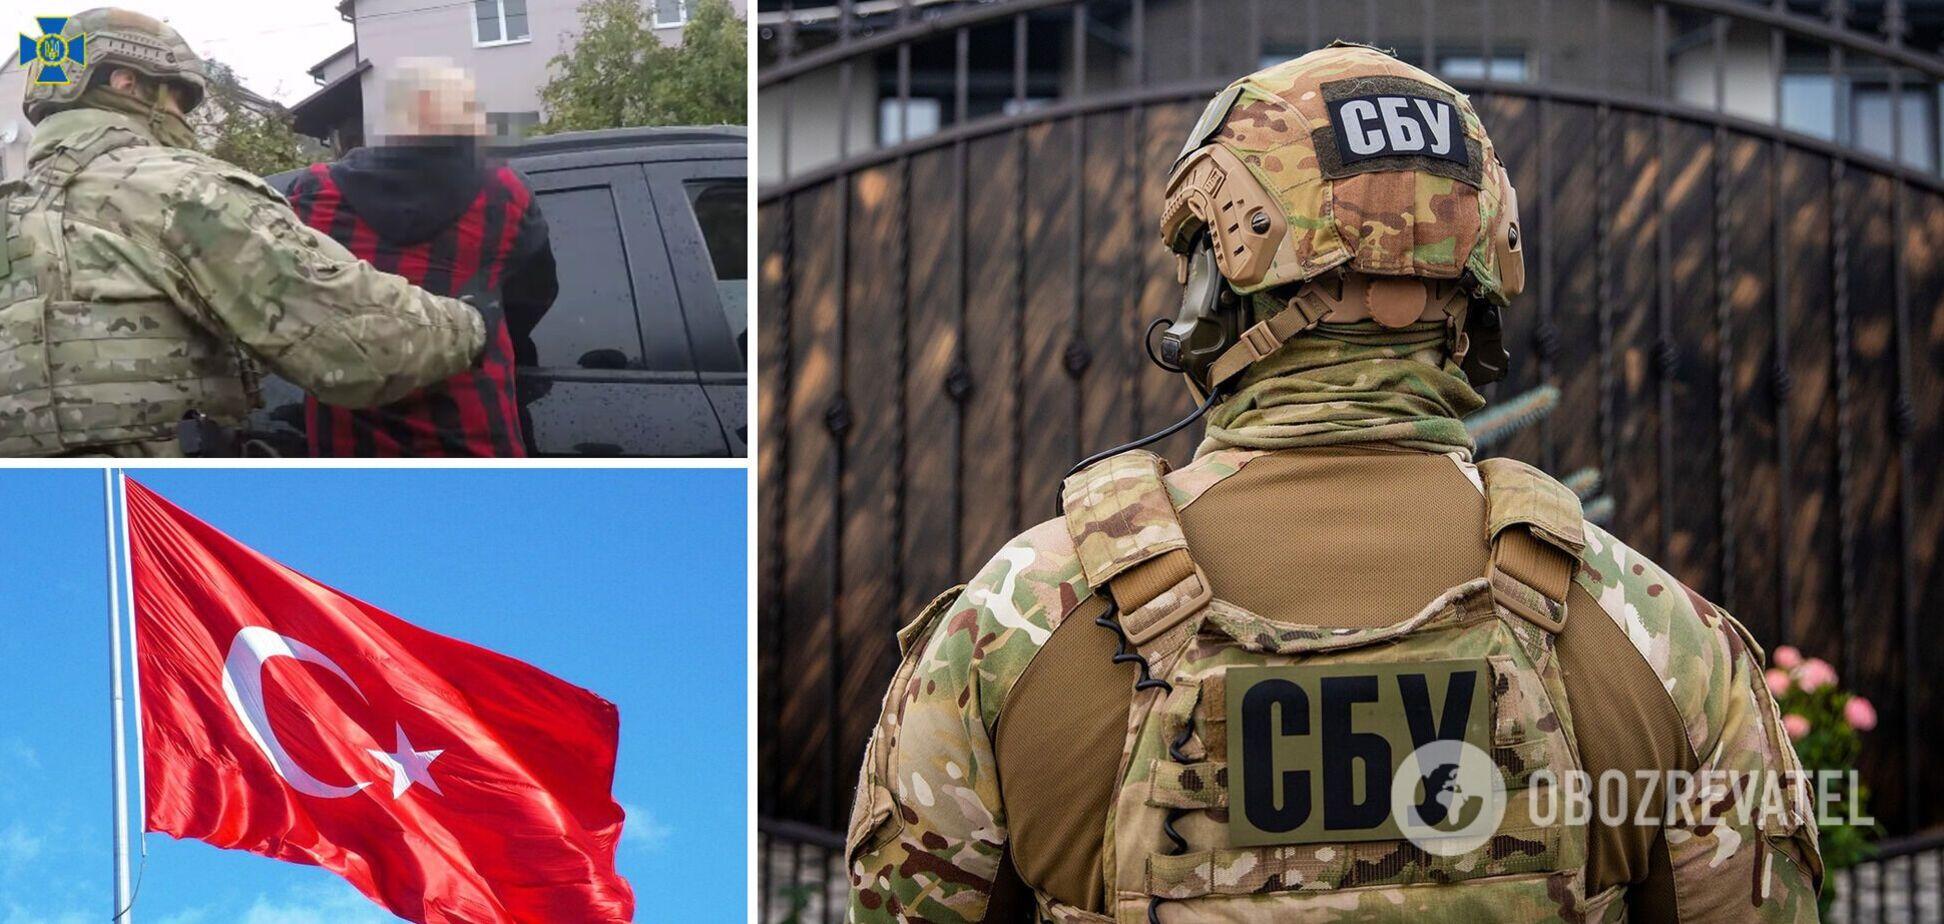 Во Львове задержали иностранца из базы Интерпола: на родине разыскивают за совершение особо тяжкого преступления. Видео